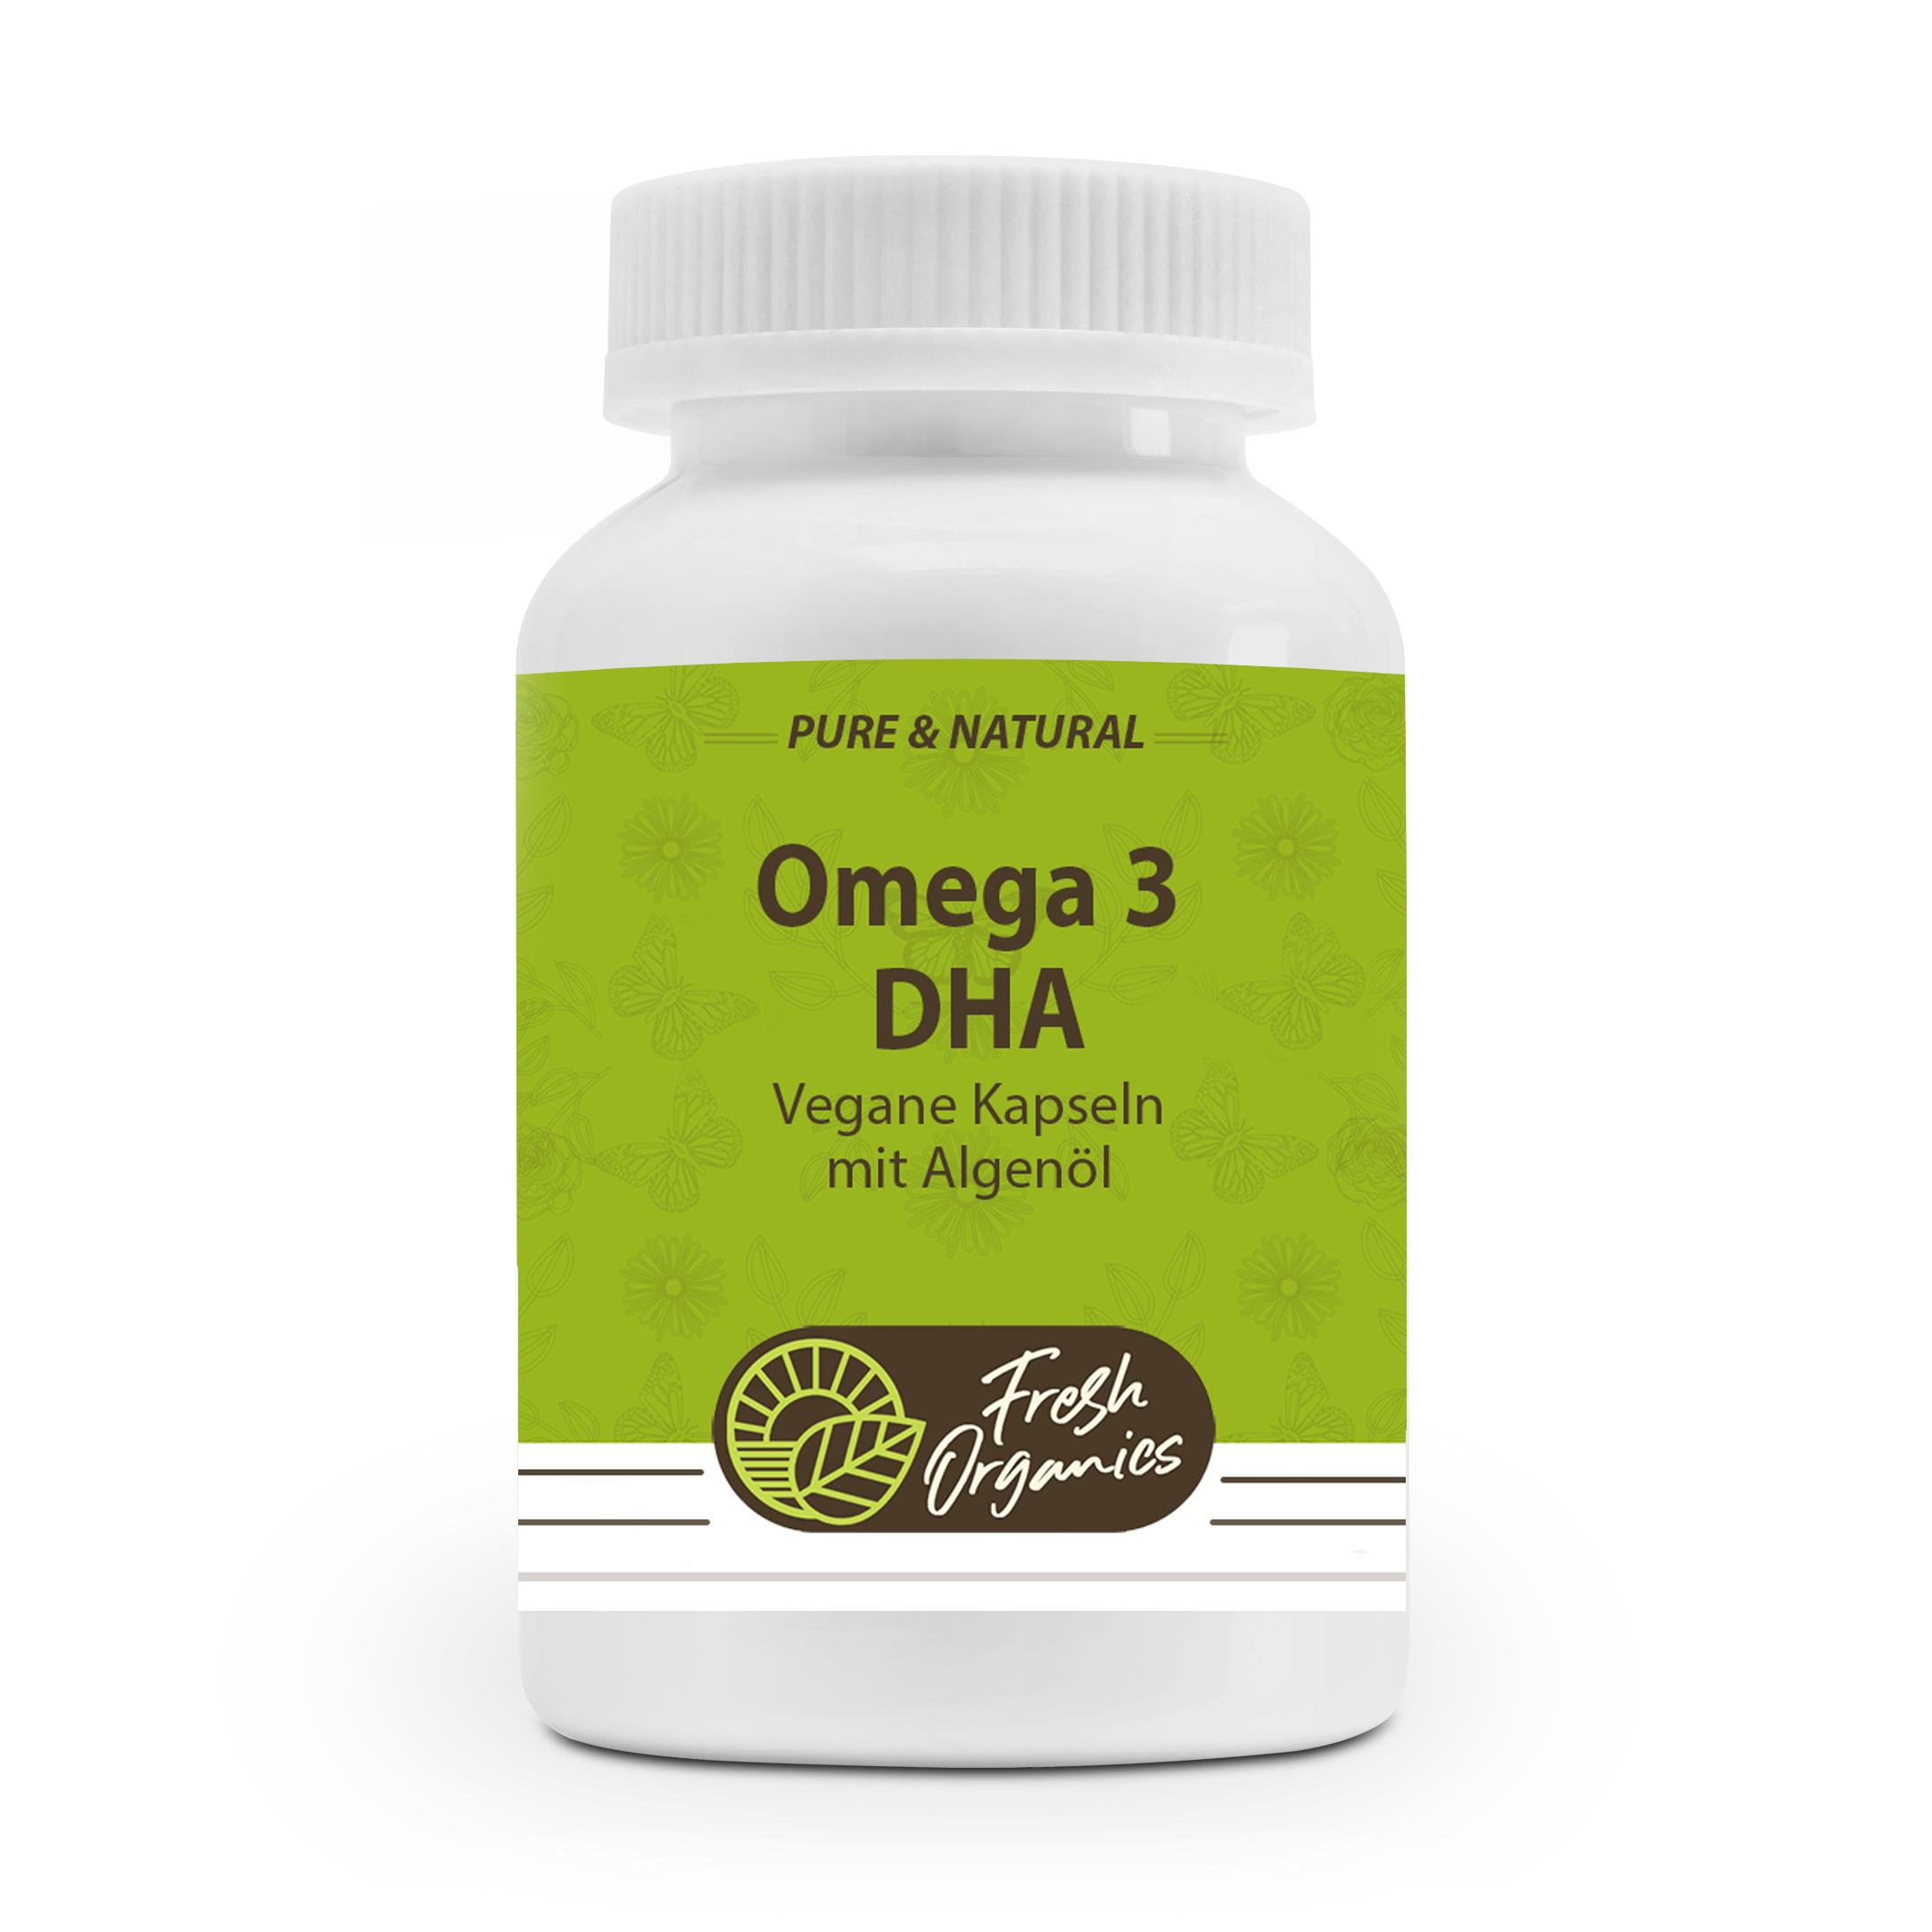 Omega 3 Algenöl Kapseln - Vegan & Hochdosiert - 90 Kapseln á 500mg Algen-Öl - Natürliches Antioxidant & Astaxanthin - Reich an Omega Fettsäuren - Hoher Gehalt an DHA